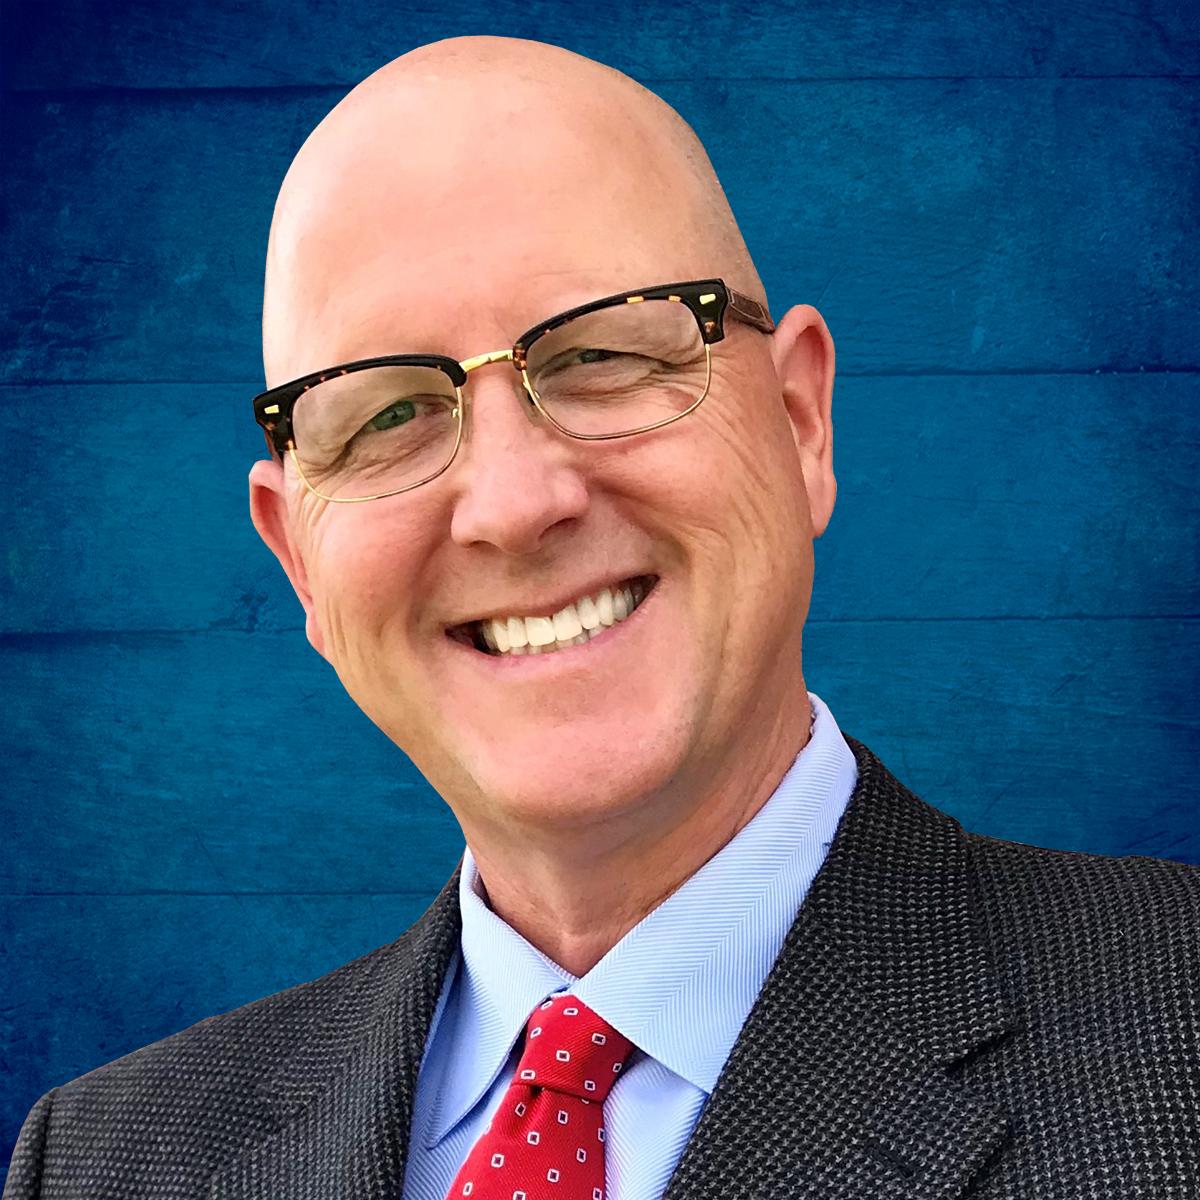 John Ross - Owner, Maintenance Innovators Inc.